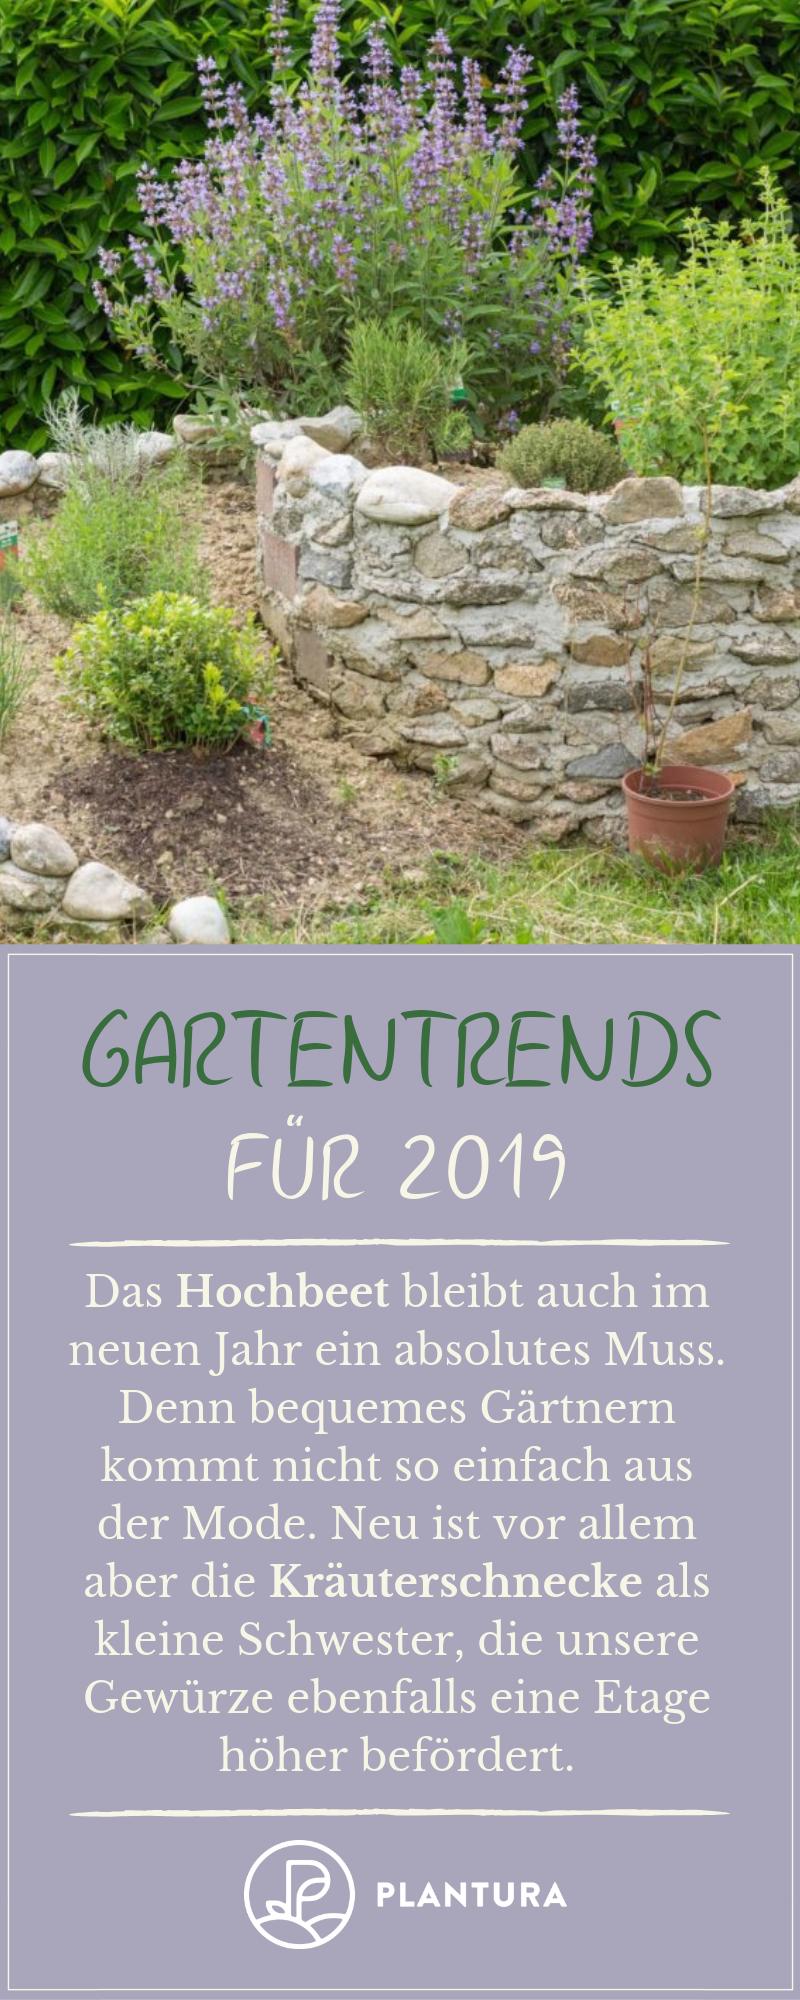 Gartentrends 2019: Unsere Top 10 für Ihren Garten #diygartenprojekte